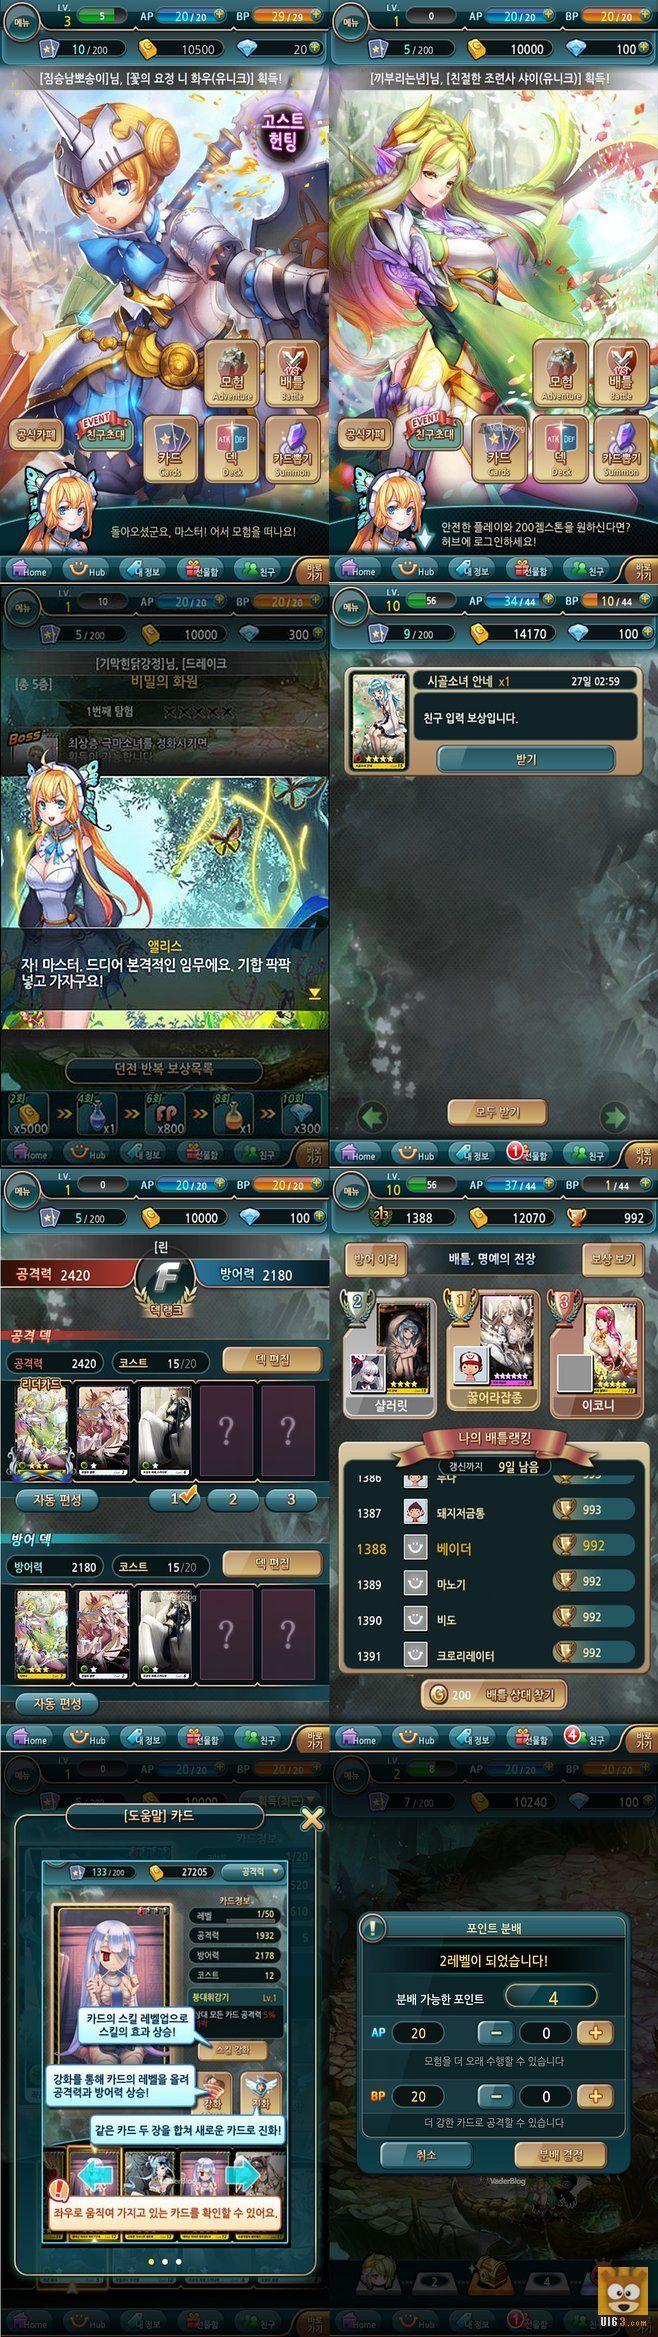 动漫战斗韩国游戏界面_点击查看原图